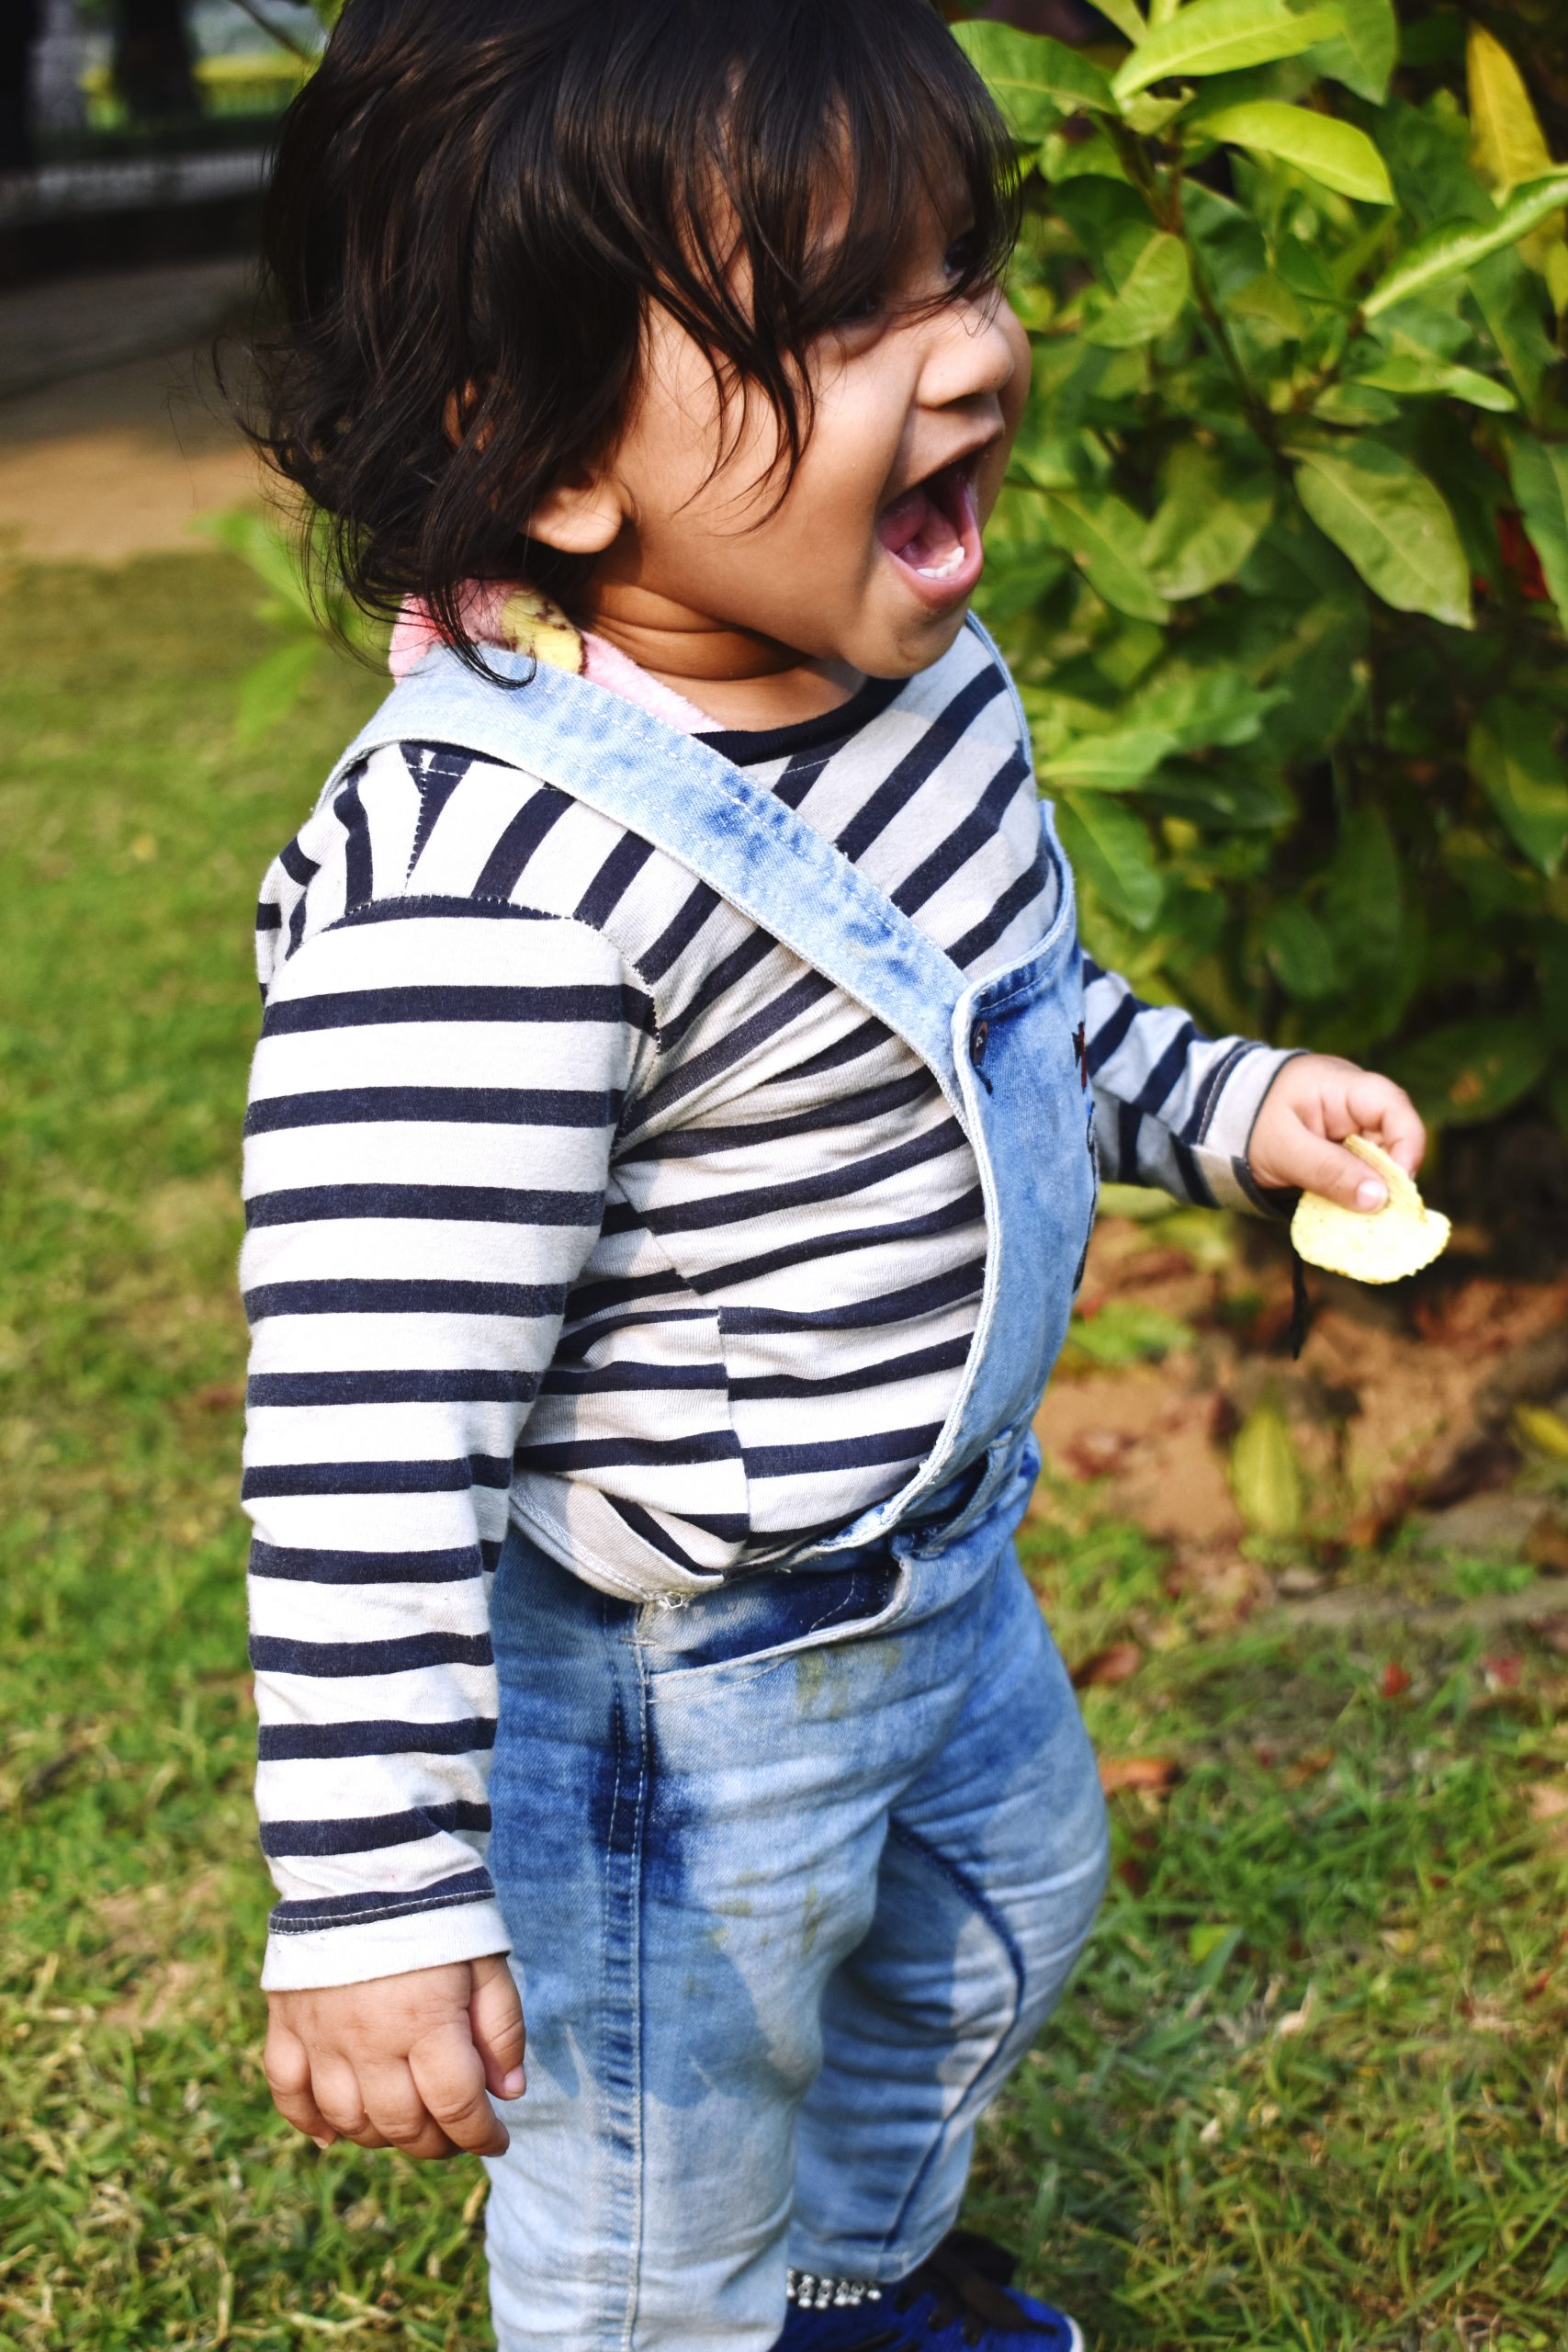 A kid in a garden